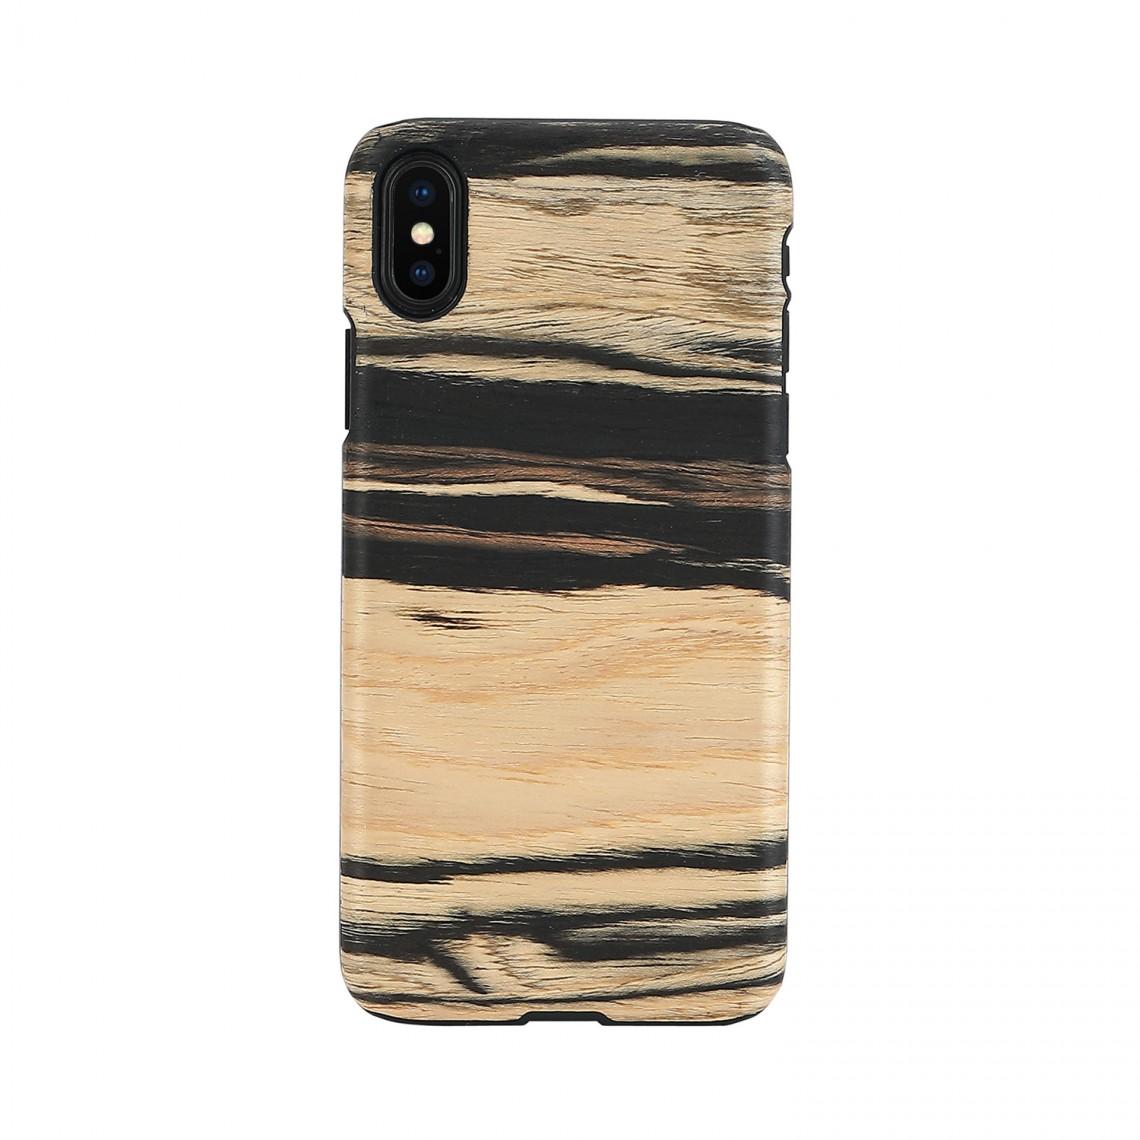 iPhone XS Max ケース 天然木 Man&Wood White Ebony(マンアンドウッド ホワイトエボニー)